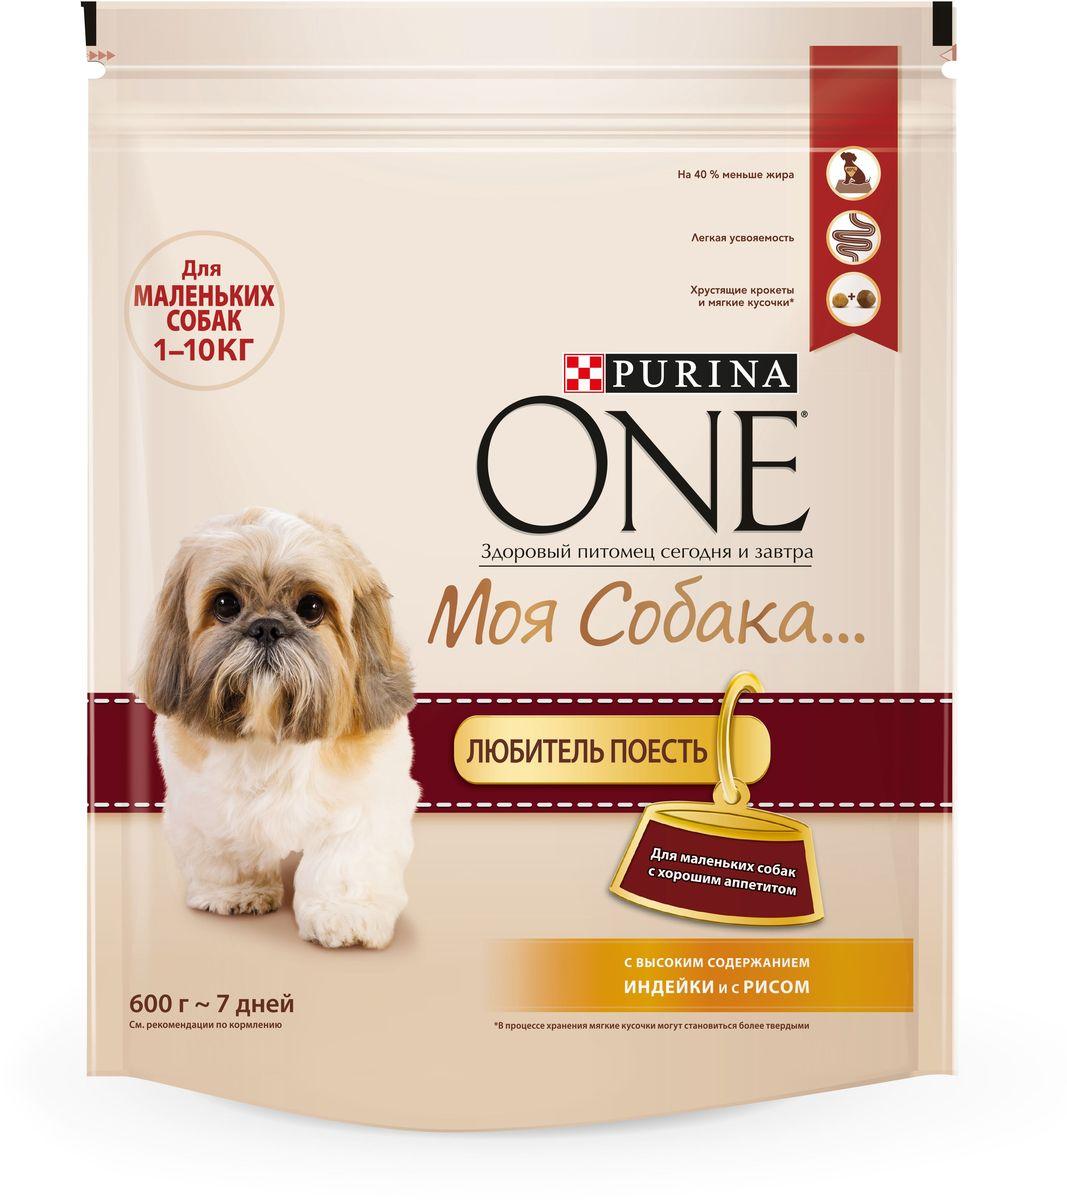 Корм сухой Purina One Моя Собака…Любитель поесть, с индейкой и рисом, 600 г0120710Вкусное сочетание хрустящих крокетов и мягких кусочков с высоким содержанием индейки, содержит на 40% меньше жира, чем в корме для взрослых собак PURINA ONE® для снижения потребляемых калорий и поддержания оптимального веса. Начните кормить вашего любимца кормом PURINA ONE® Моя Собака...и оцените видимый результат улучшения его здоровья.МЕ/кг: витамин А: 30 000; витамин D3:1 000; витамин E: 600. Мг/кг: витамин С: 140; железо: 69; йод: 1,7; медь: 10; марганец: 32; цинк: 130; селен: 0,11. Белок: 27,0%, Жир: 10,0%, Сырая зола: 8,0%, Сырая клетчатка: 2,5%.